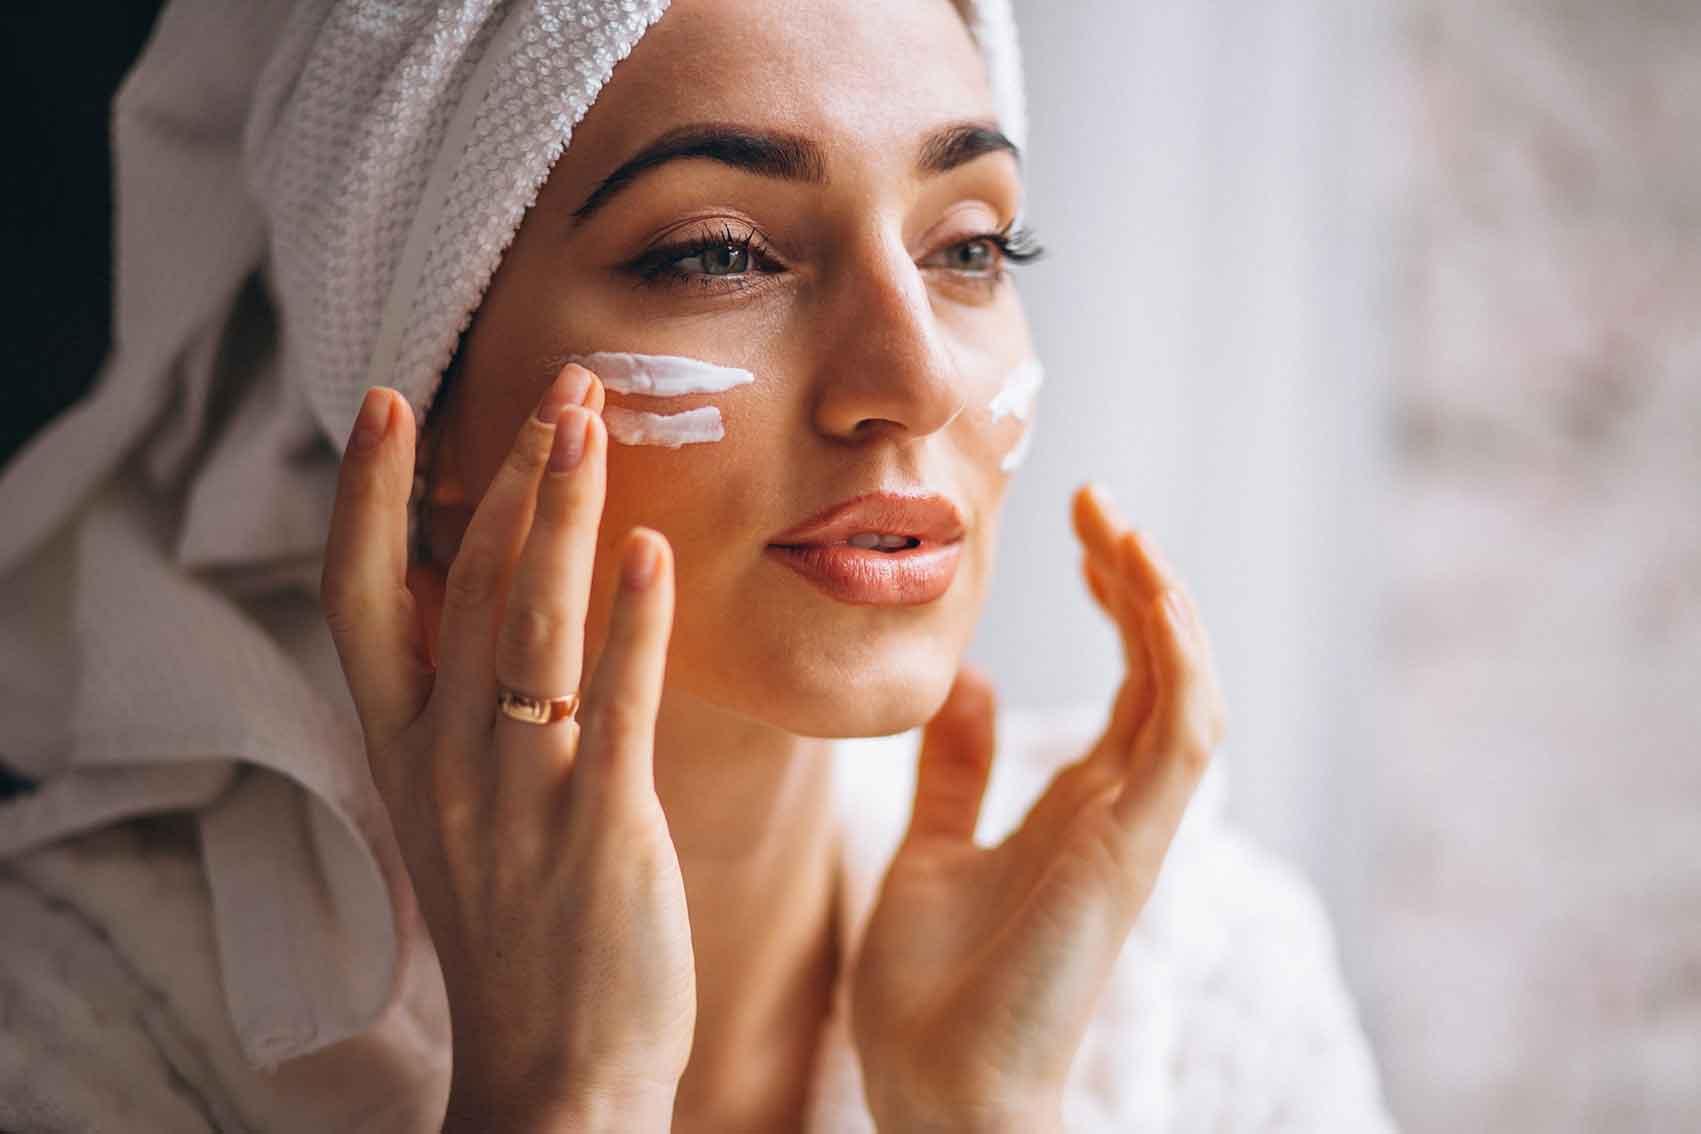 טיפוח-שמירה-על-העור-בעקבות-עטיית-מסיכה